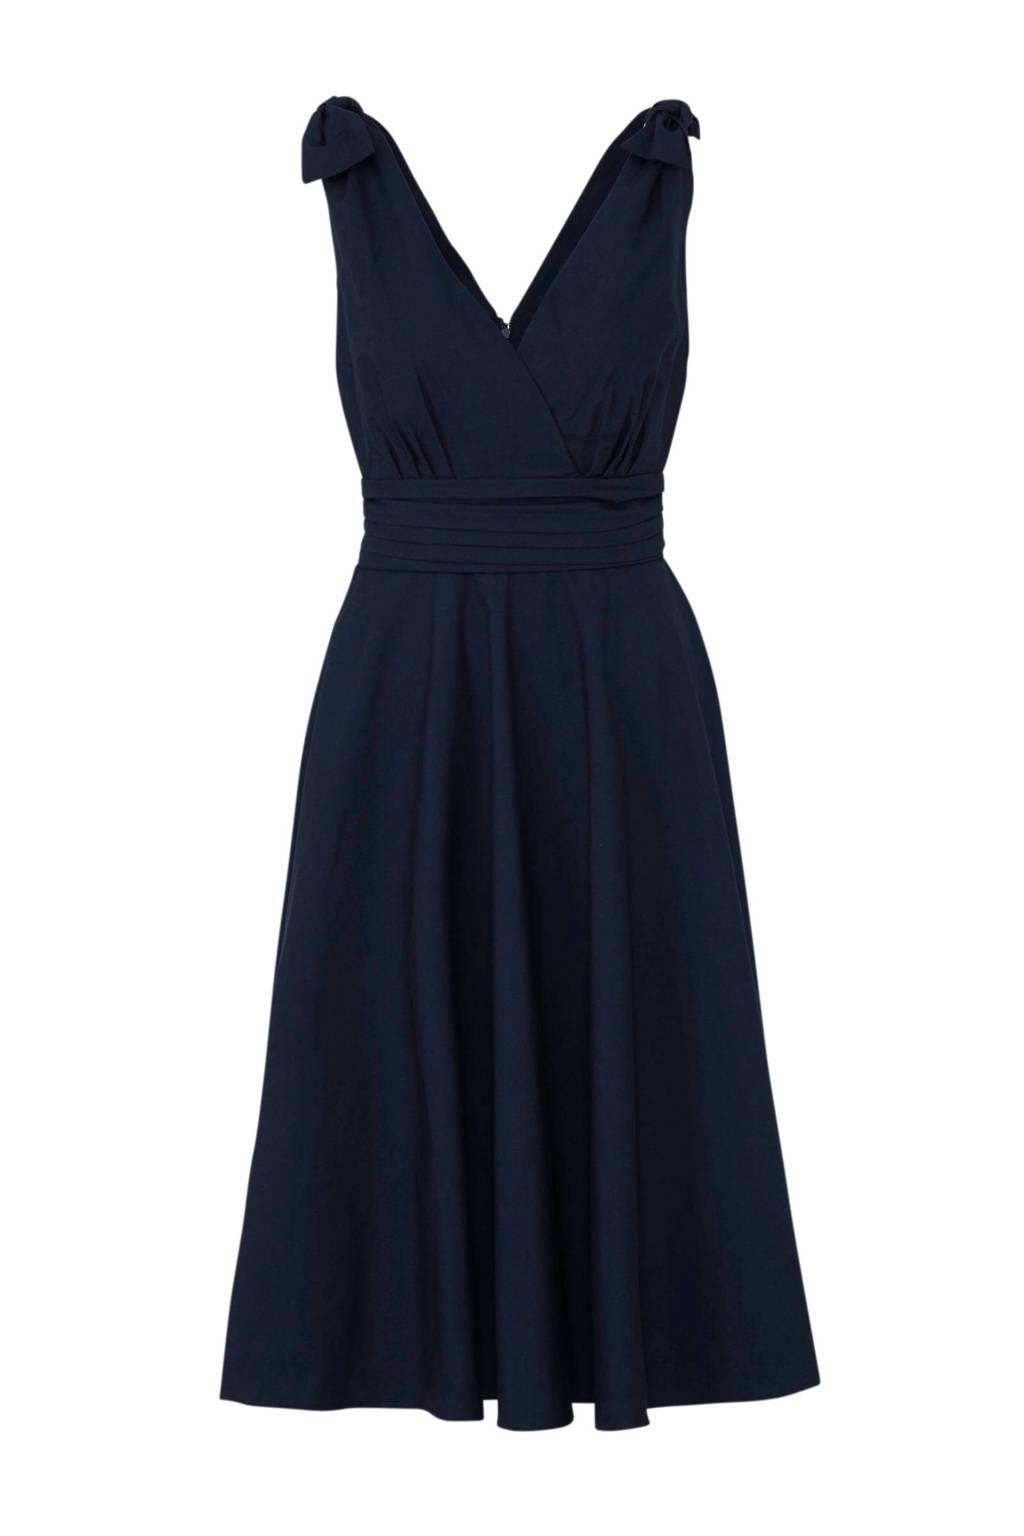 C&A Yessica jurk donkerblauw, Donkerblauw